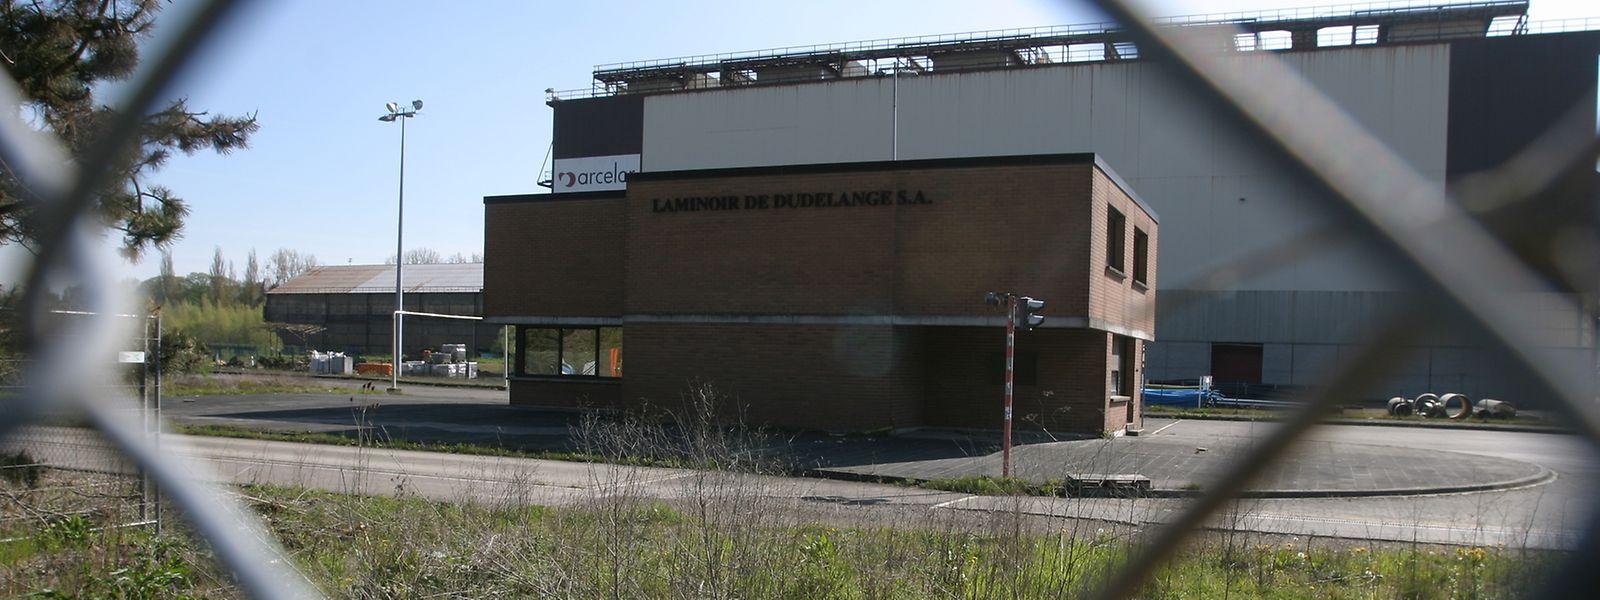 Fermé depuis 2005, le site de l'ancien laminoir à froid d'ArcelorMittal, à l'entrée de Dudelange, doit d'abord être dépollué pour 27,3 millions d'euros.